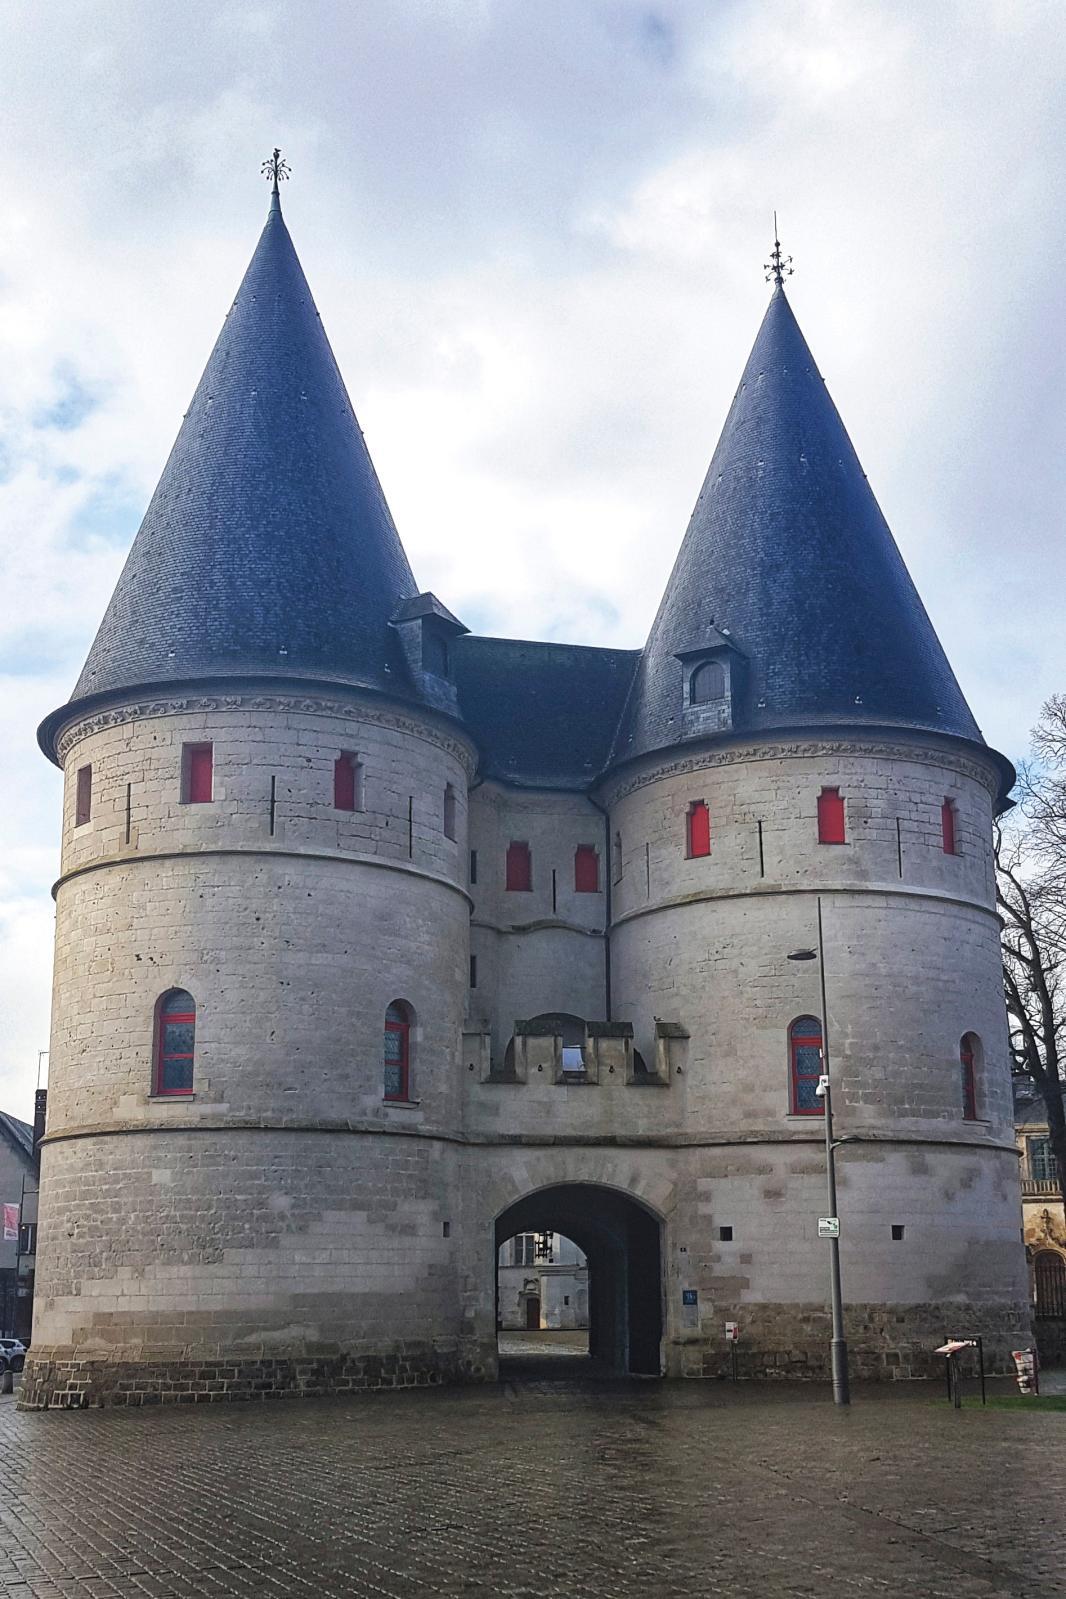 Le Mudo, musée de l'Oise, dans l'ancien palais épiscopal de Beauvais.© Sarah Hugounenq